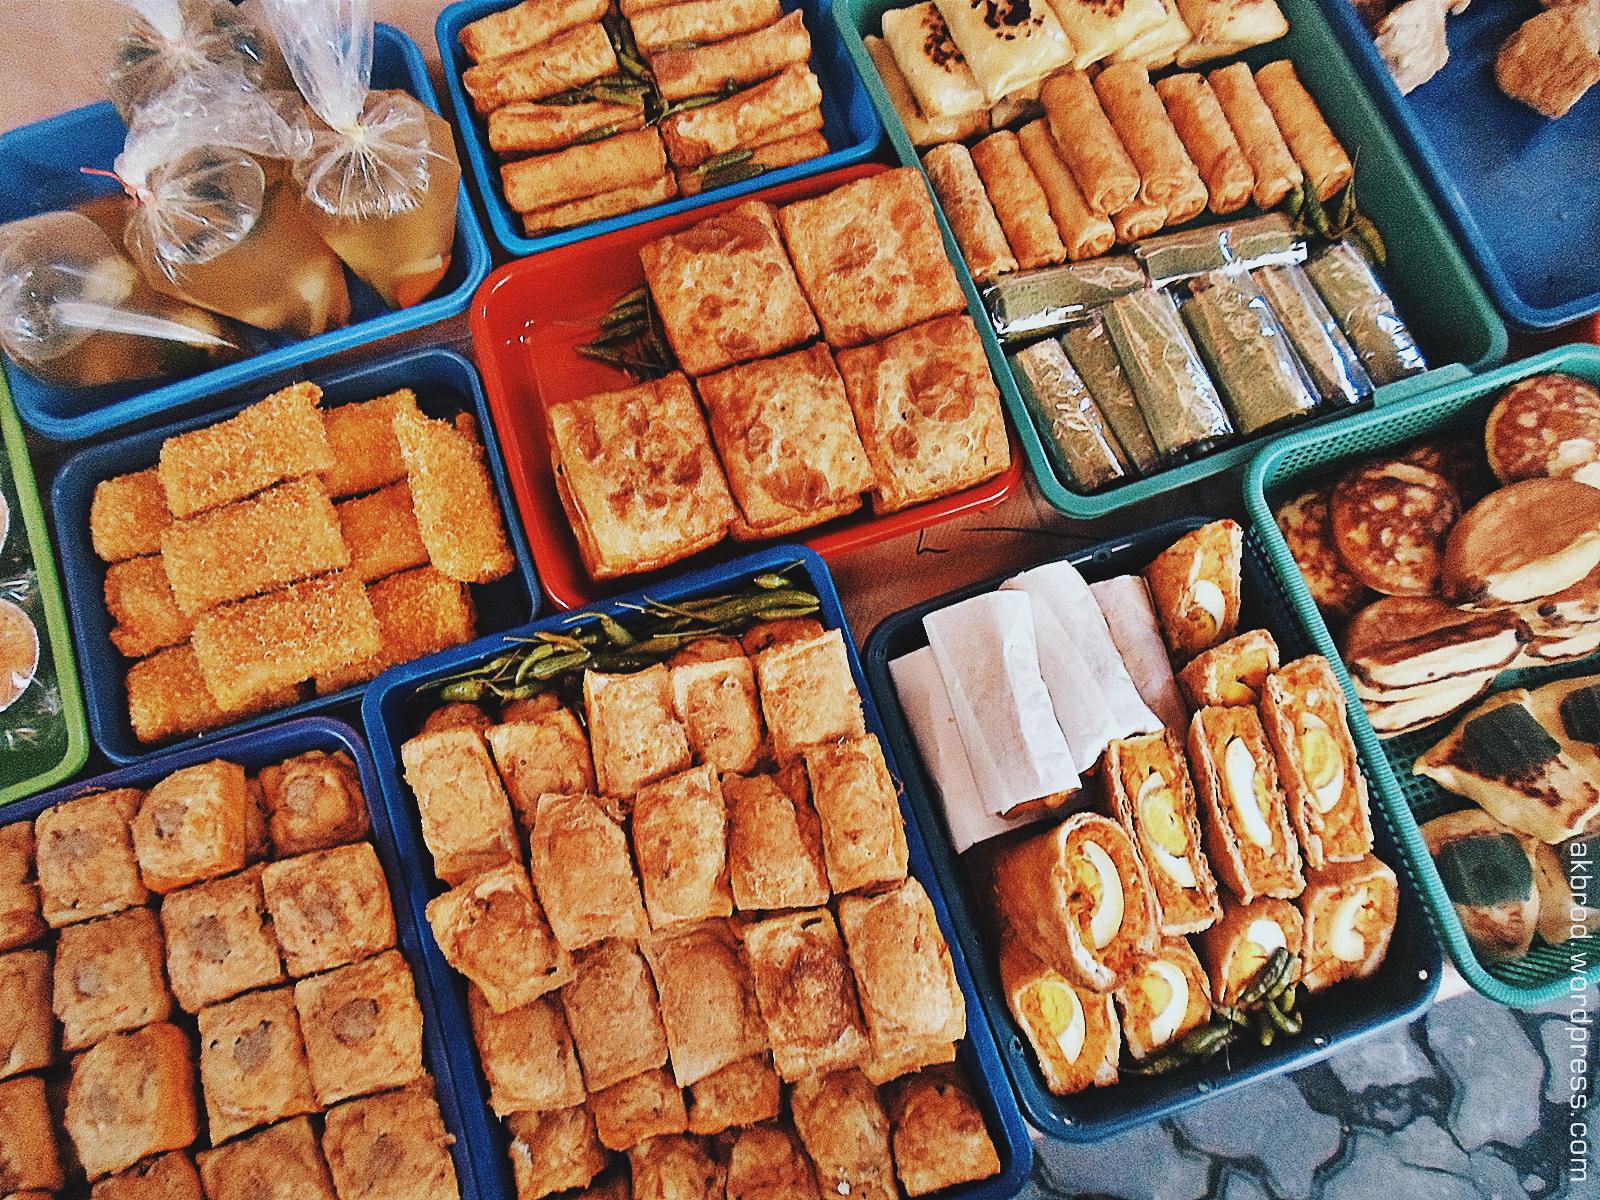 Tak hanya lauk pauk, para pedagang di Pasar Sore Ramadan Kauman juga menjajakan jajanan untuk berbuka puasa